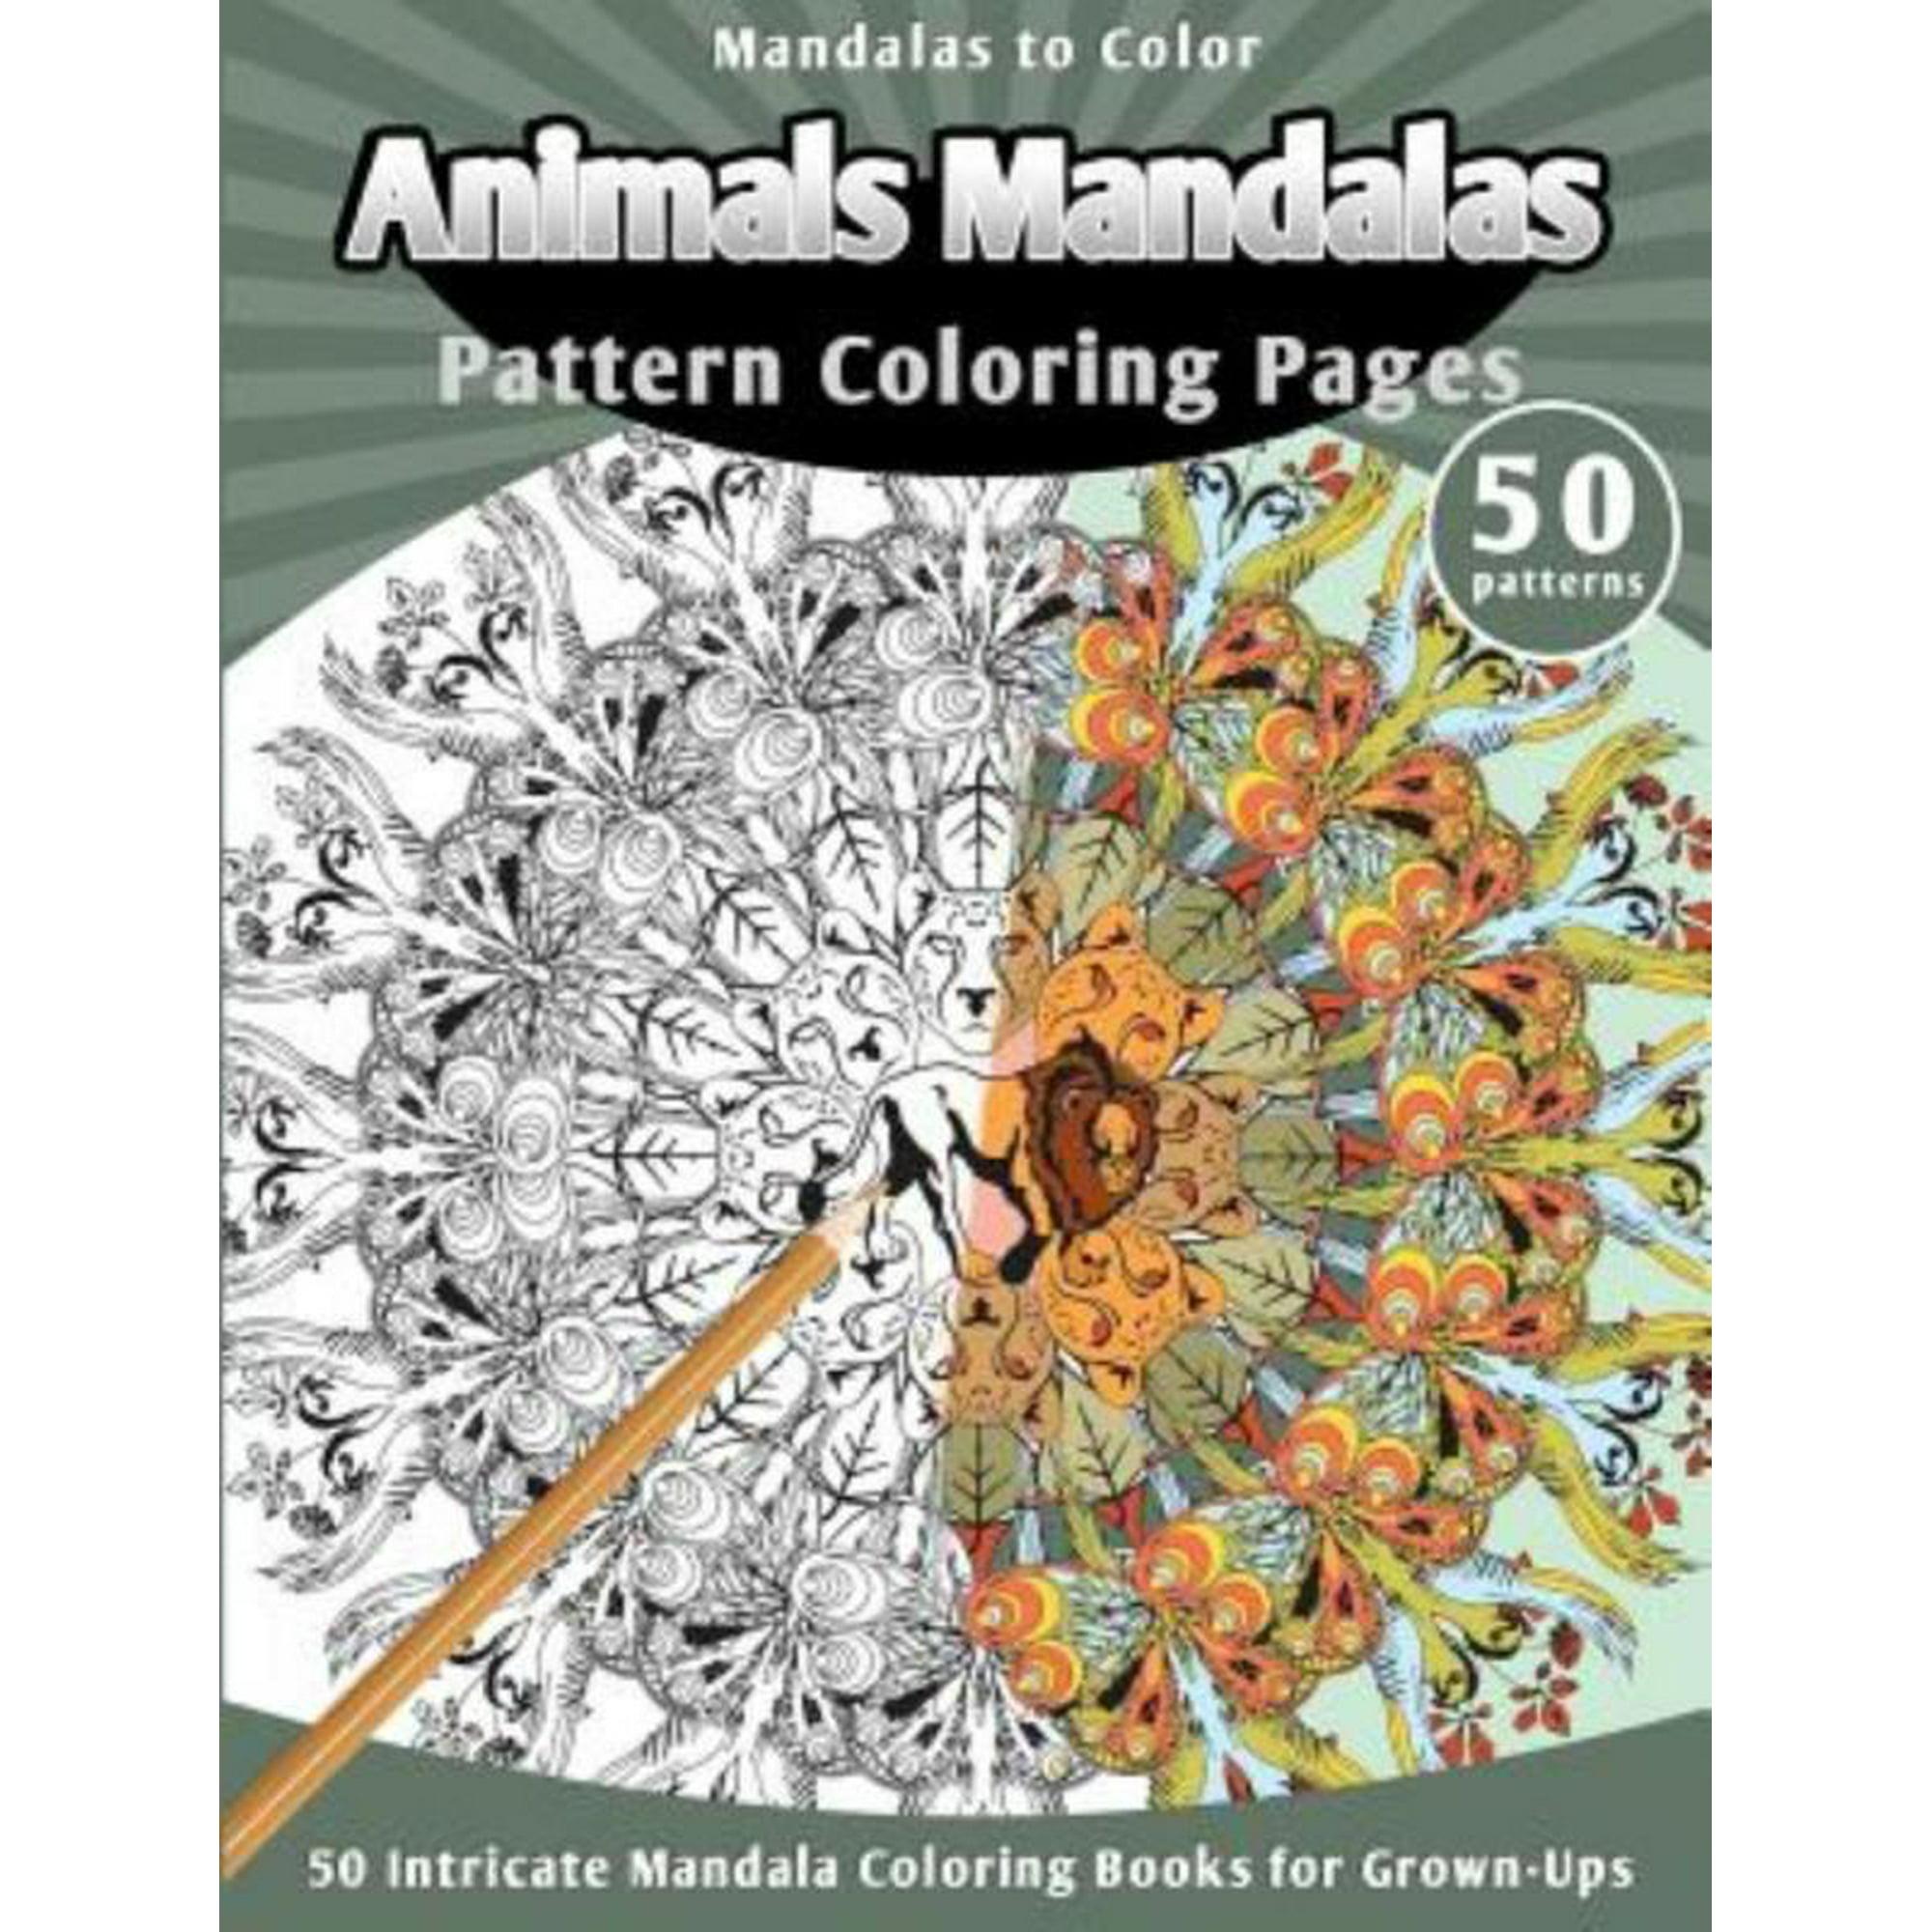 Intricate Coloring Sheets | Haramiran | 2000x2000